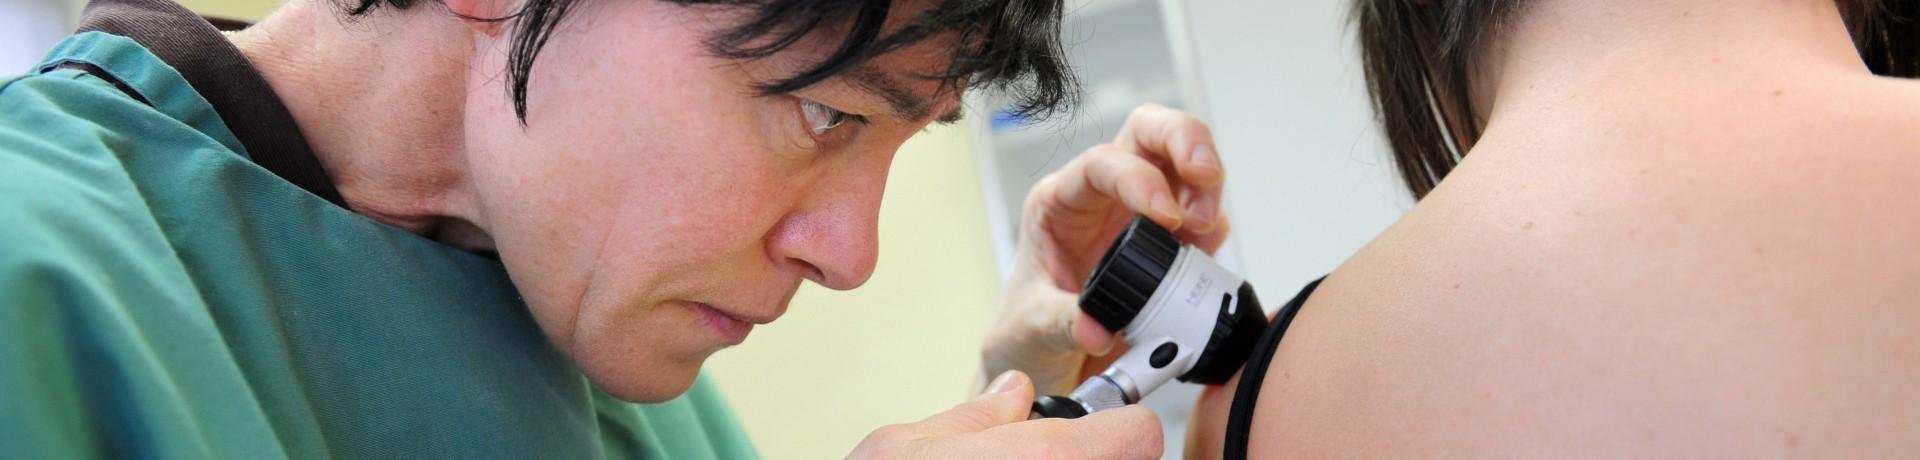 Un médecin auscultant les grains de beauté d'une patiente (illustration)